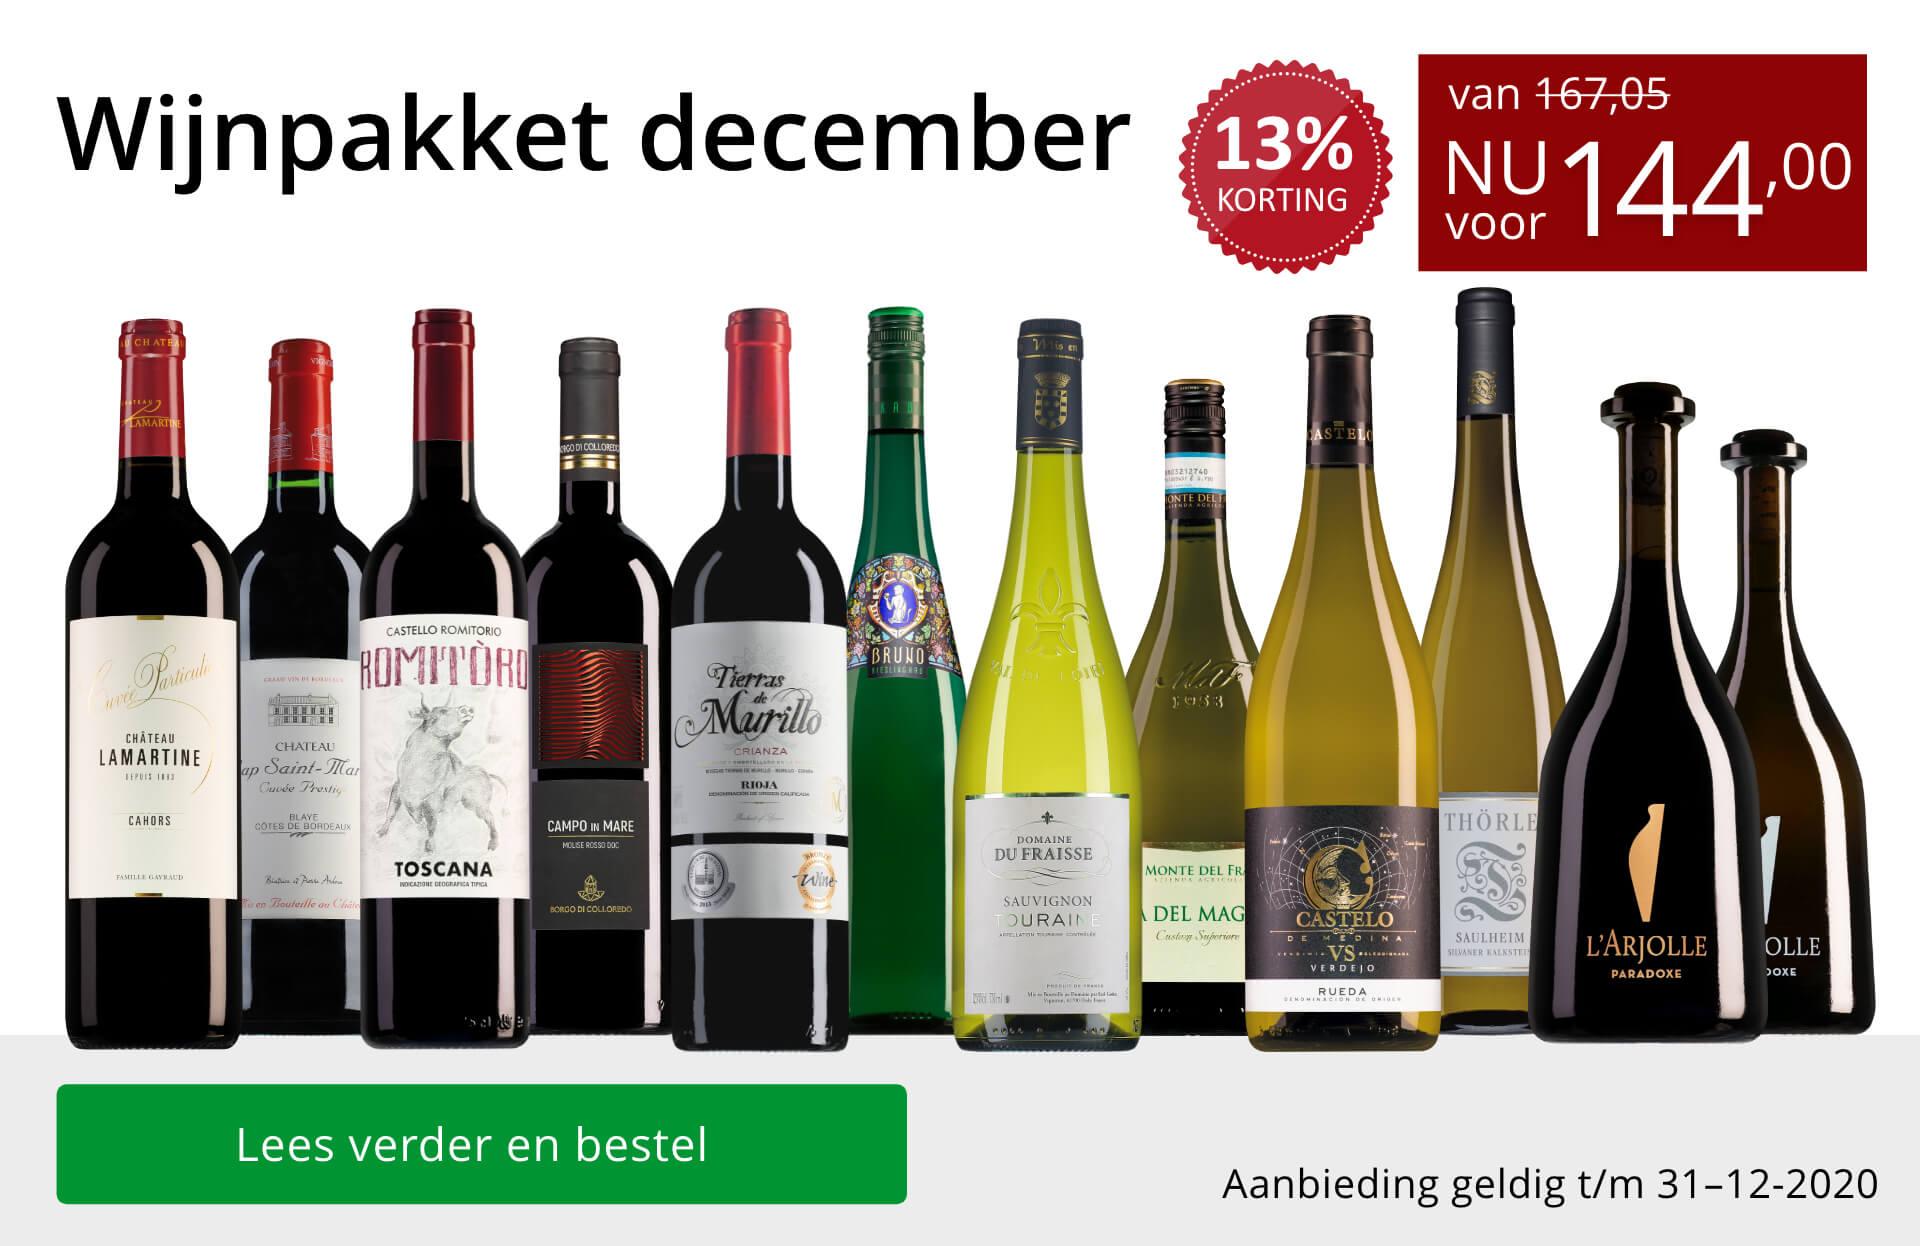 Wijnpakket wijnbericht december 2020 (144,00) - rood